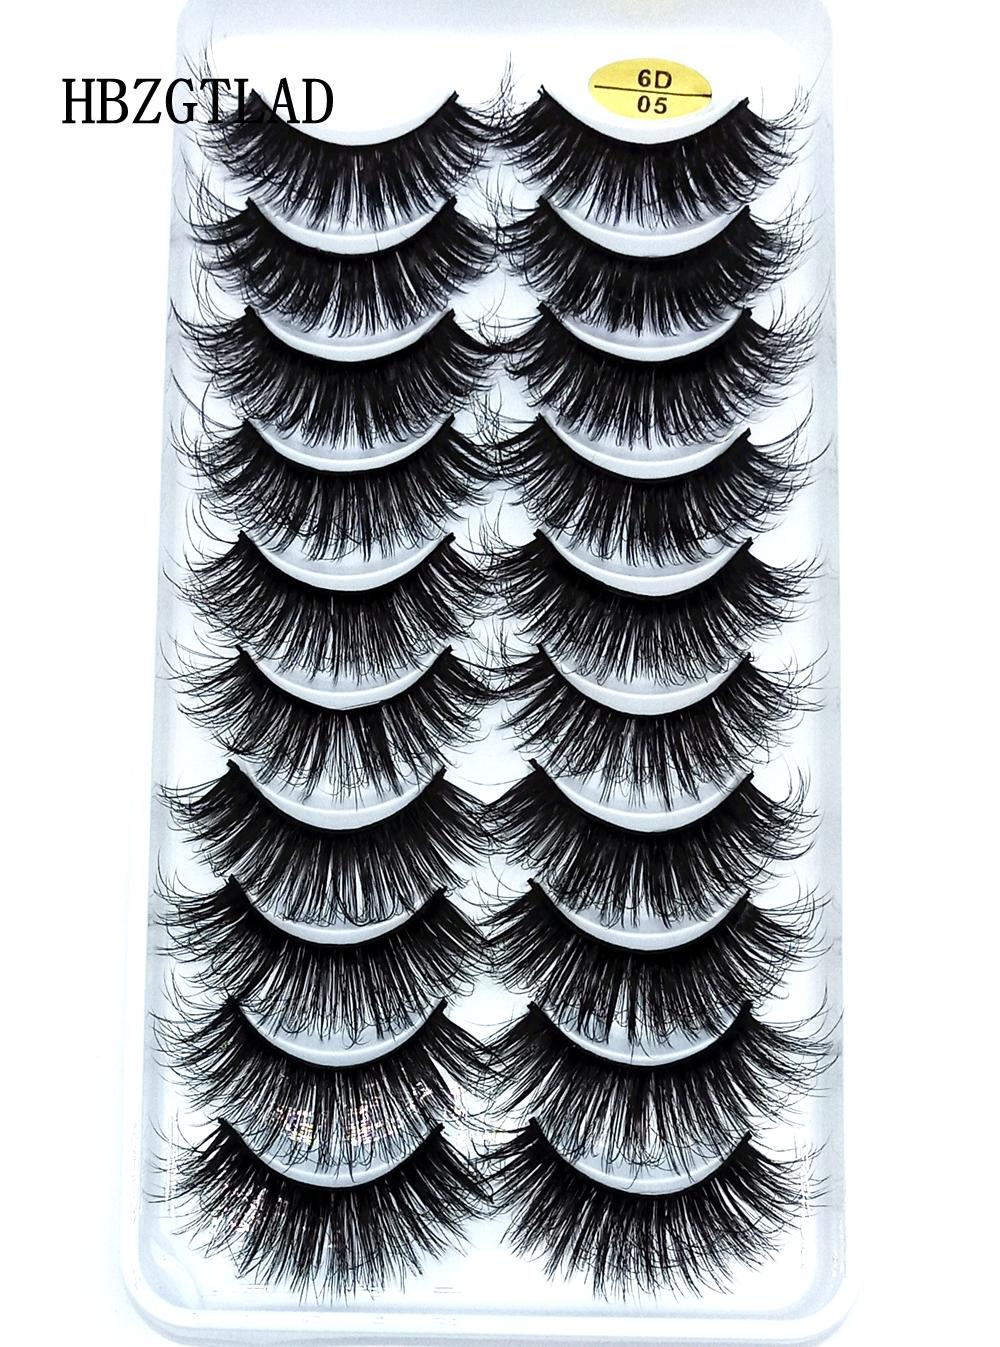 Doğal sahte kirpikler sahte güzellik için uzun makyaj 3d vizon kirpik kirpik uzatma vizon kirpiklerini kirpikleri 10 çift YENİ 6D-05